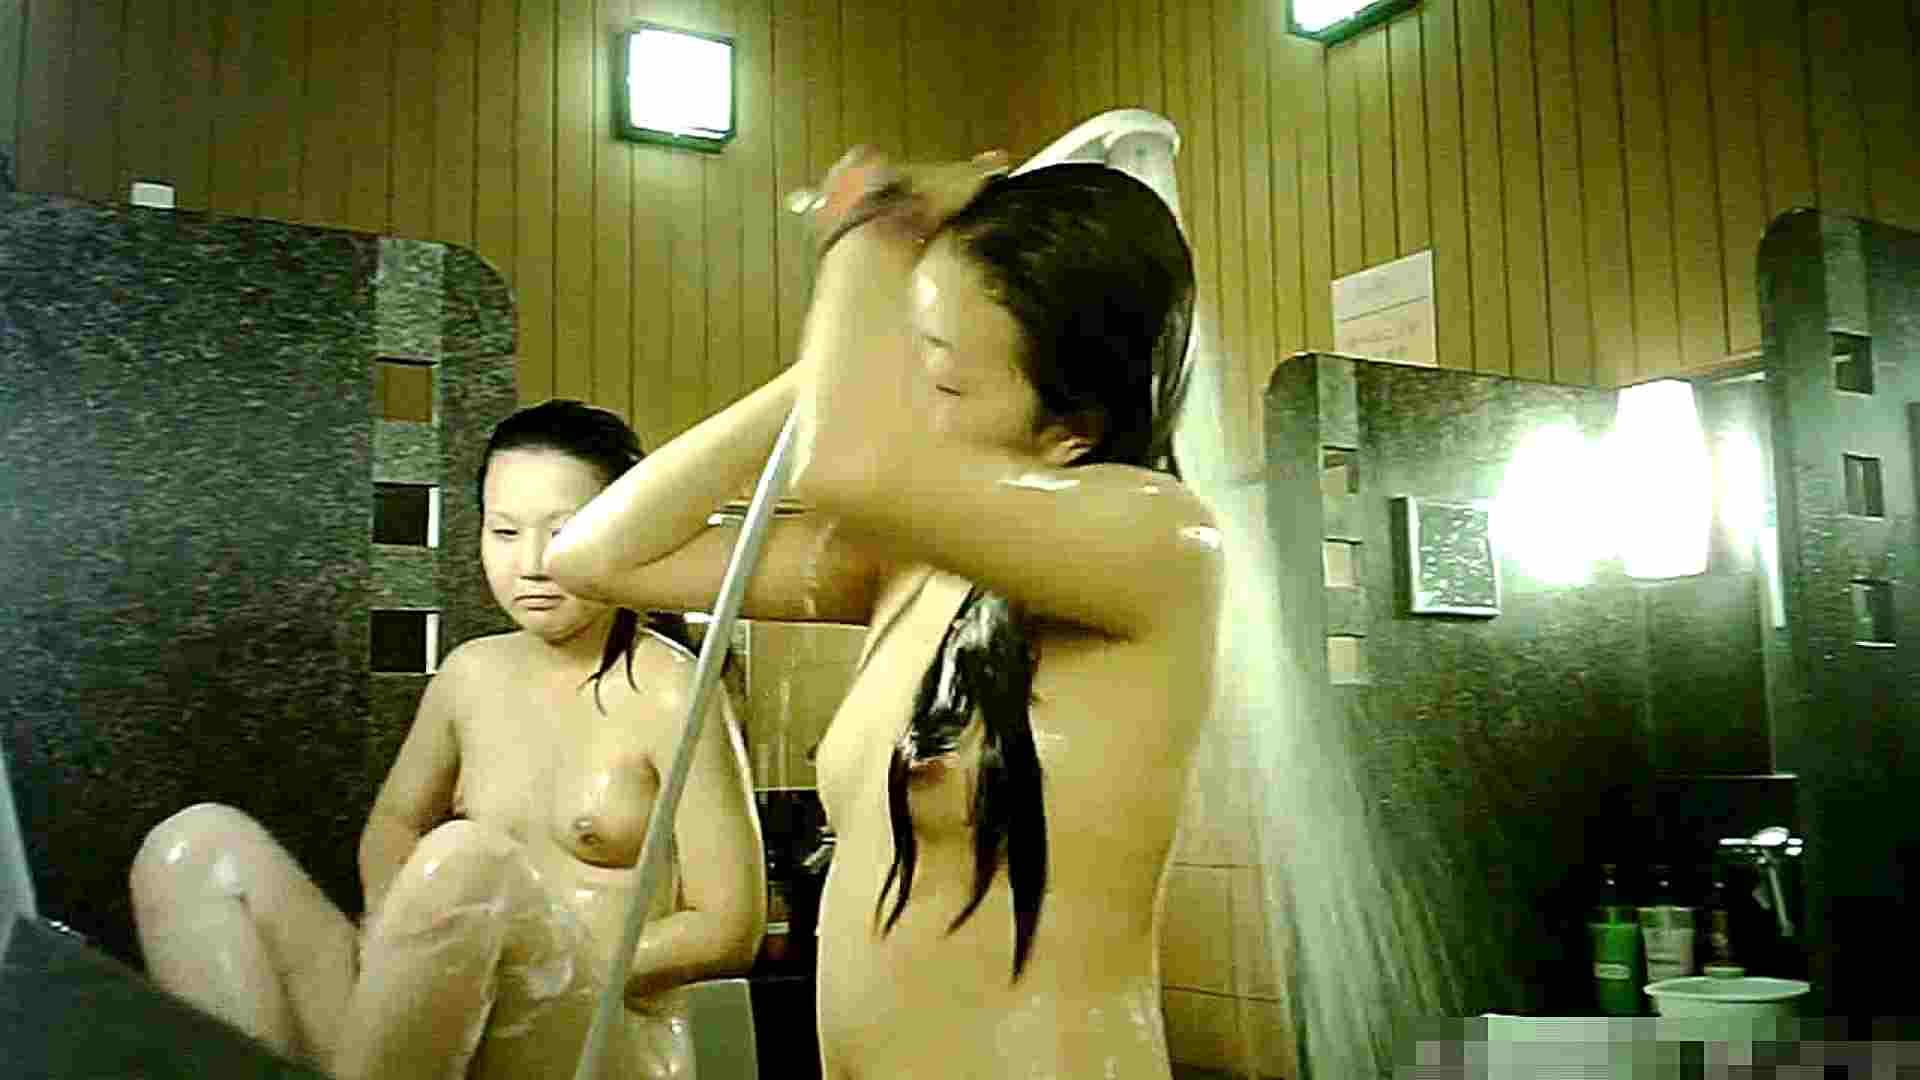 エロ動画:Vol.66 洗い場!シャンプーとリンスが切れてます・・・:怪盗ジョーカー